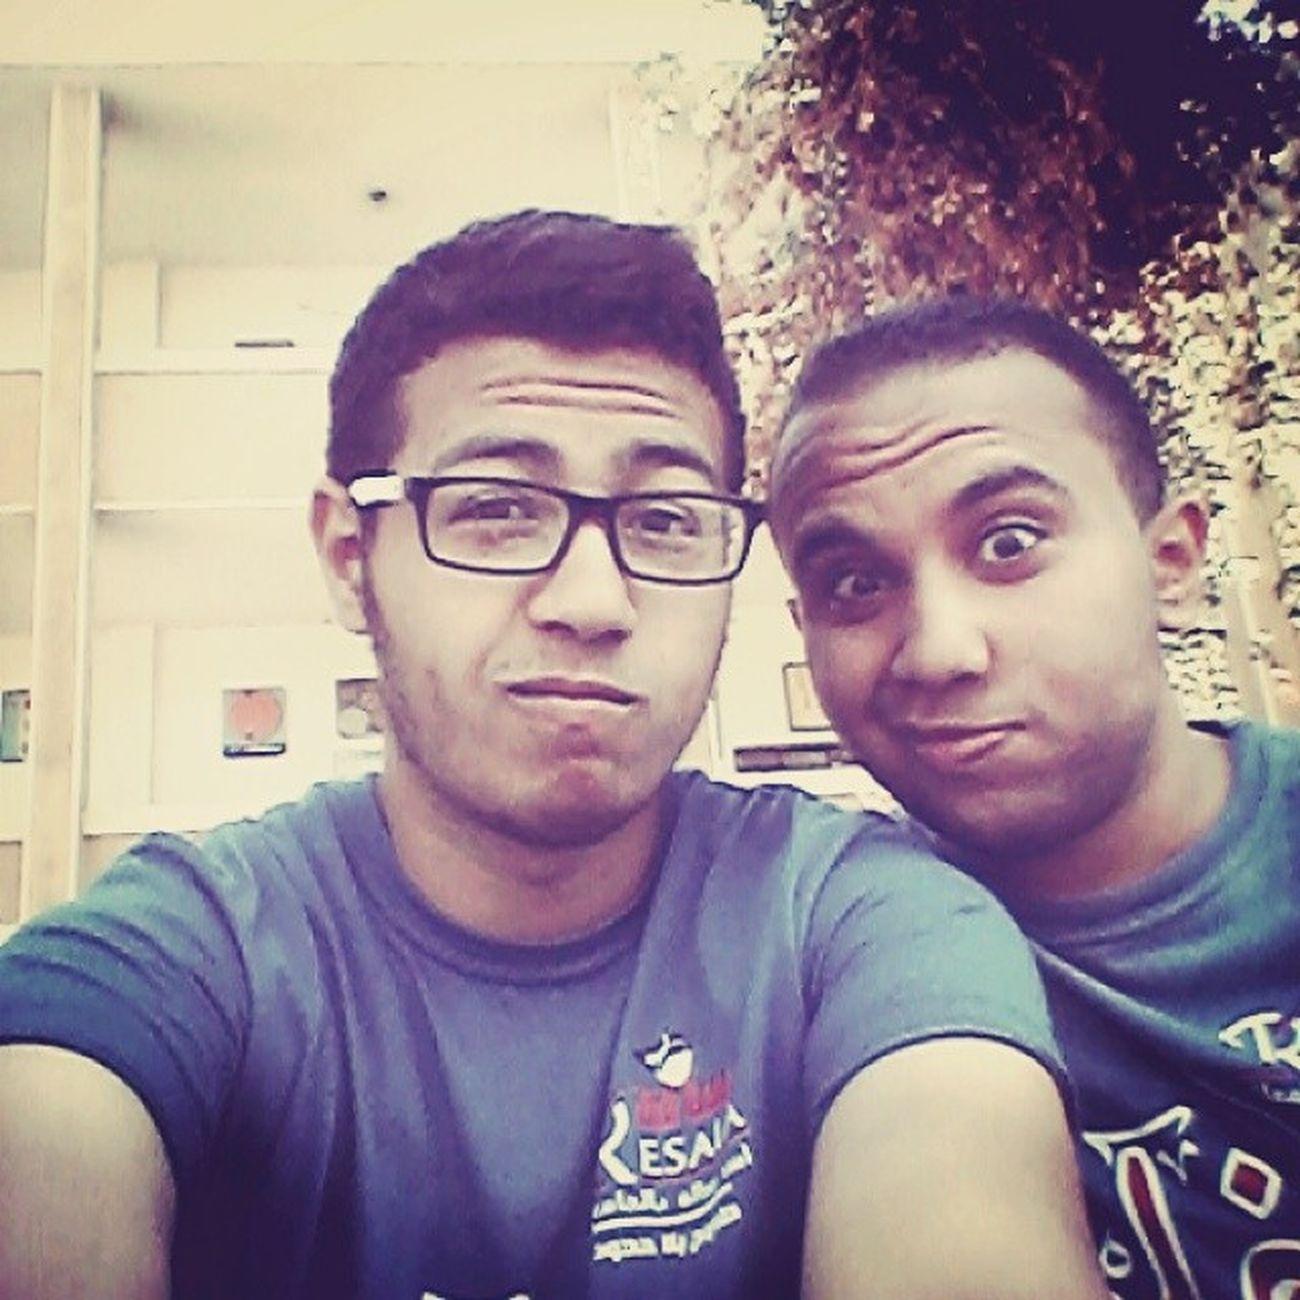 Eslam_Ahmed ♡